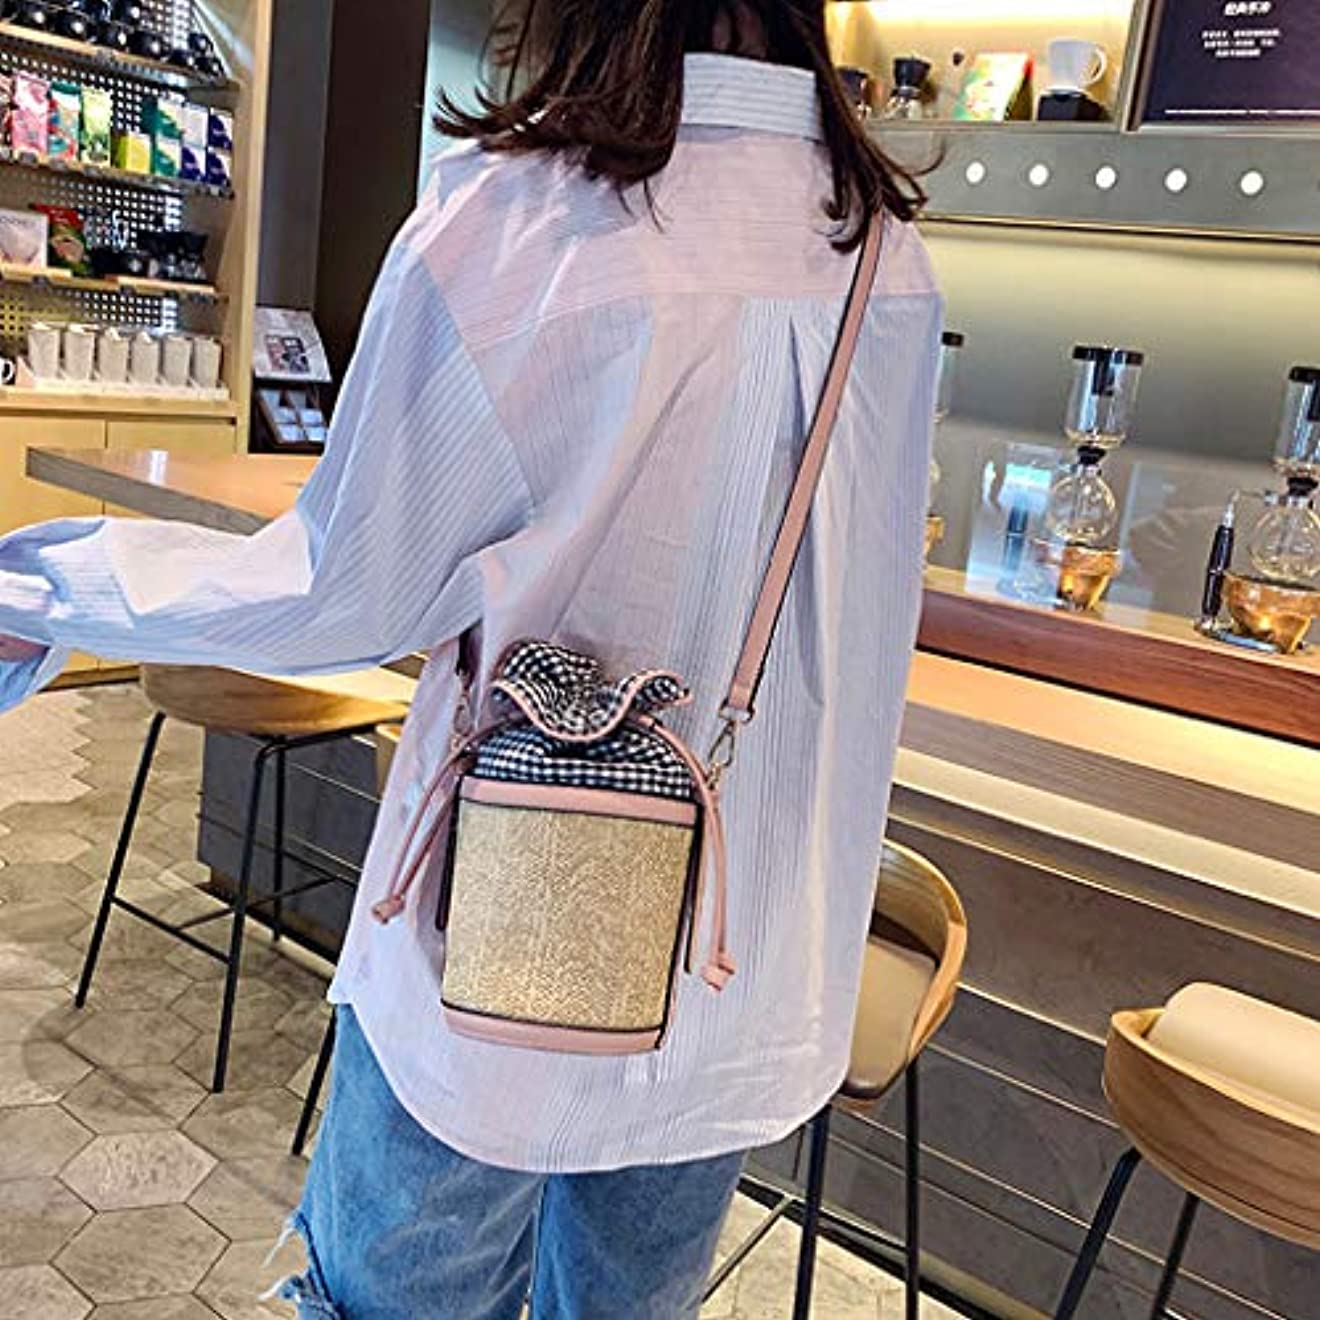 レコーダー病気の信頼性のあるファッション女性レトロ織り格子革バケットバッグクロスボディバッグショルダーバッグ、女性のヴィンテージ織格子縞ステッチバケットバッグ斜めバッグ (ピンク)